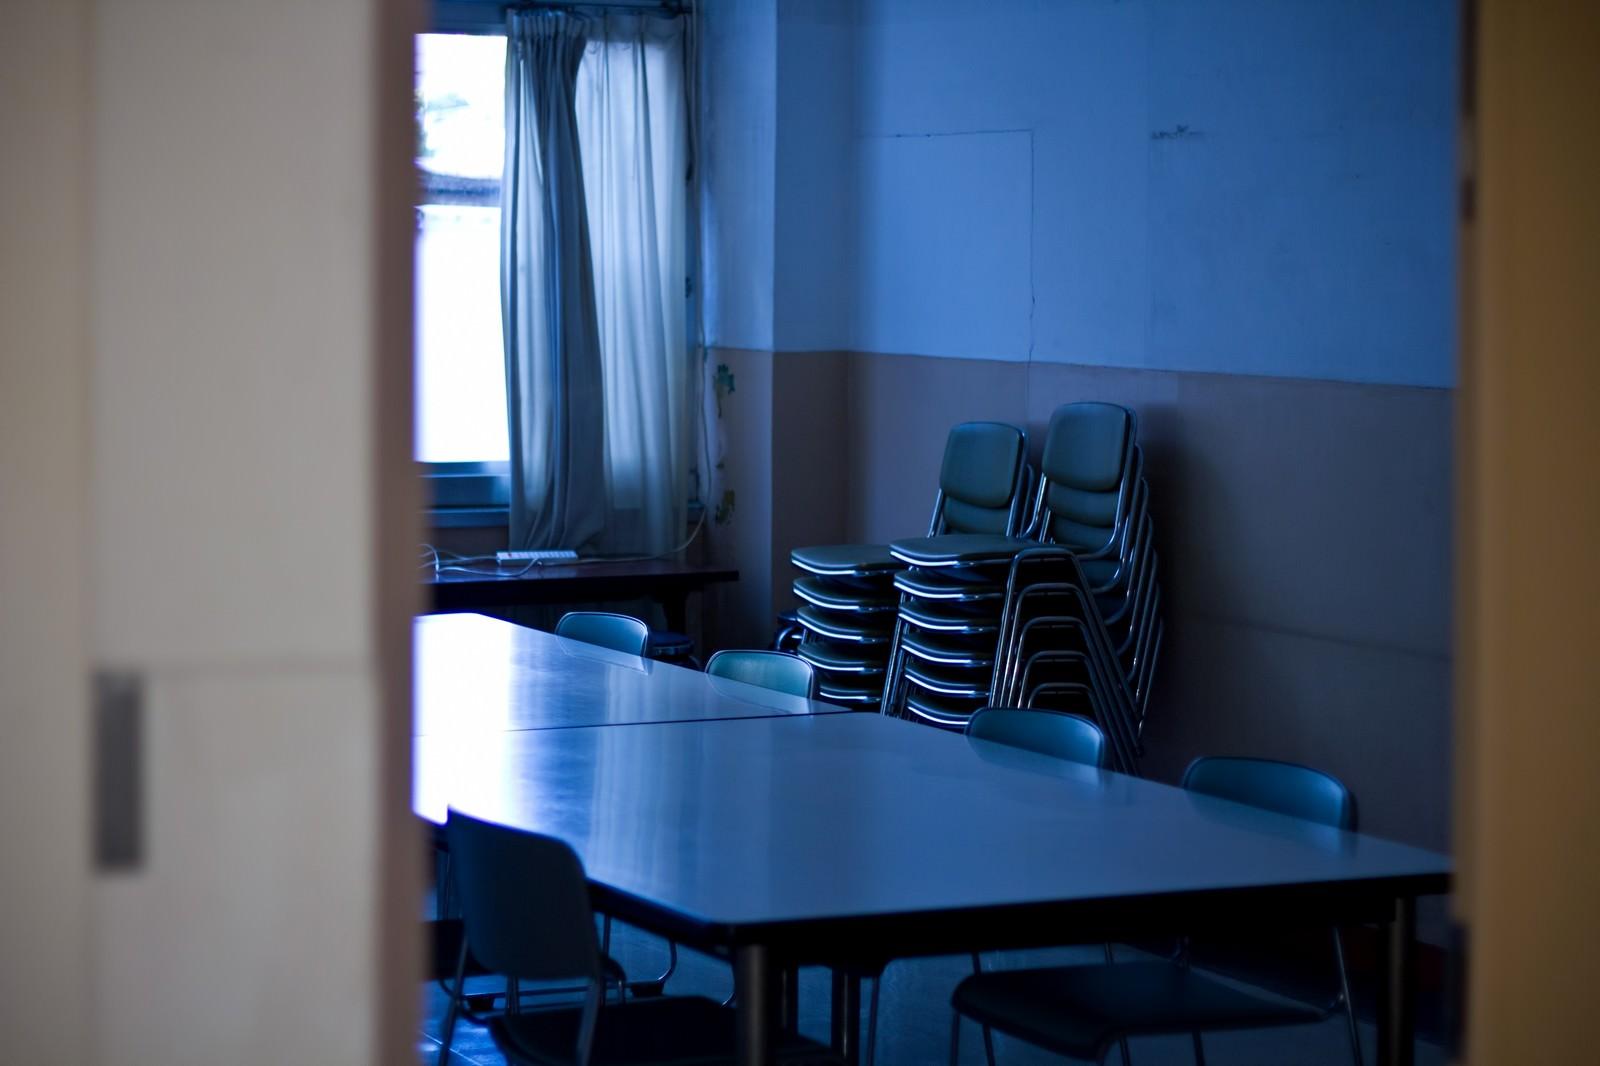 「椅子を重ねた薄暗い会議室」の写真